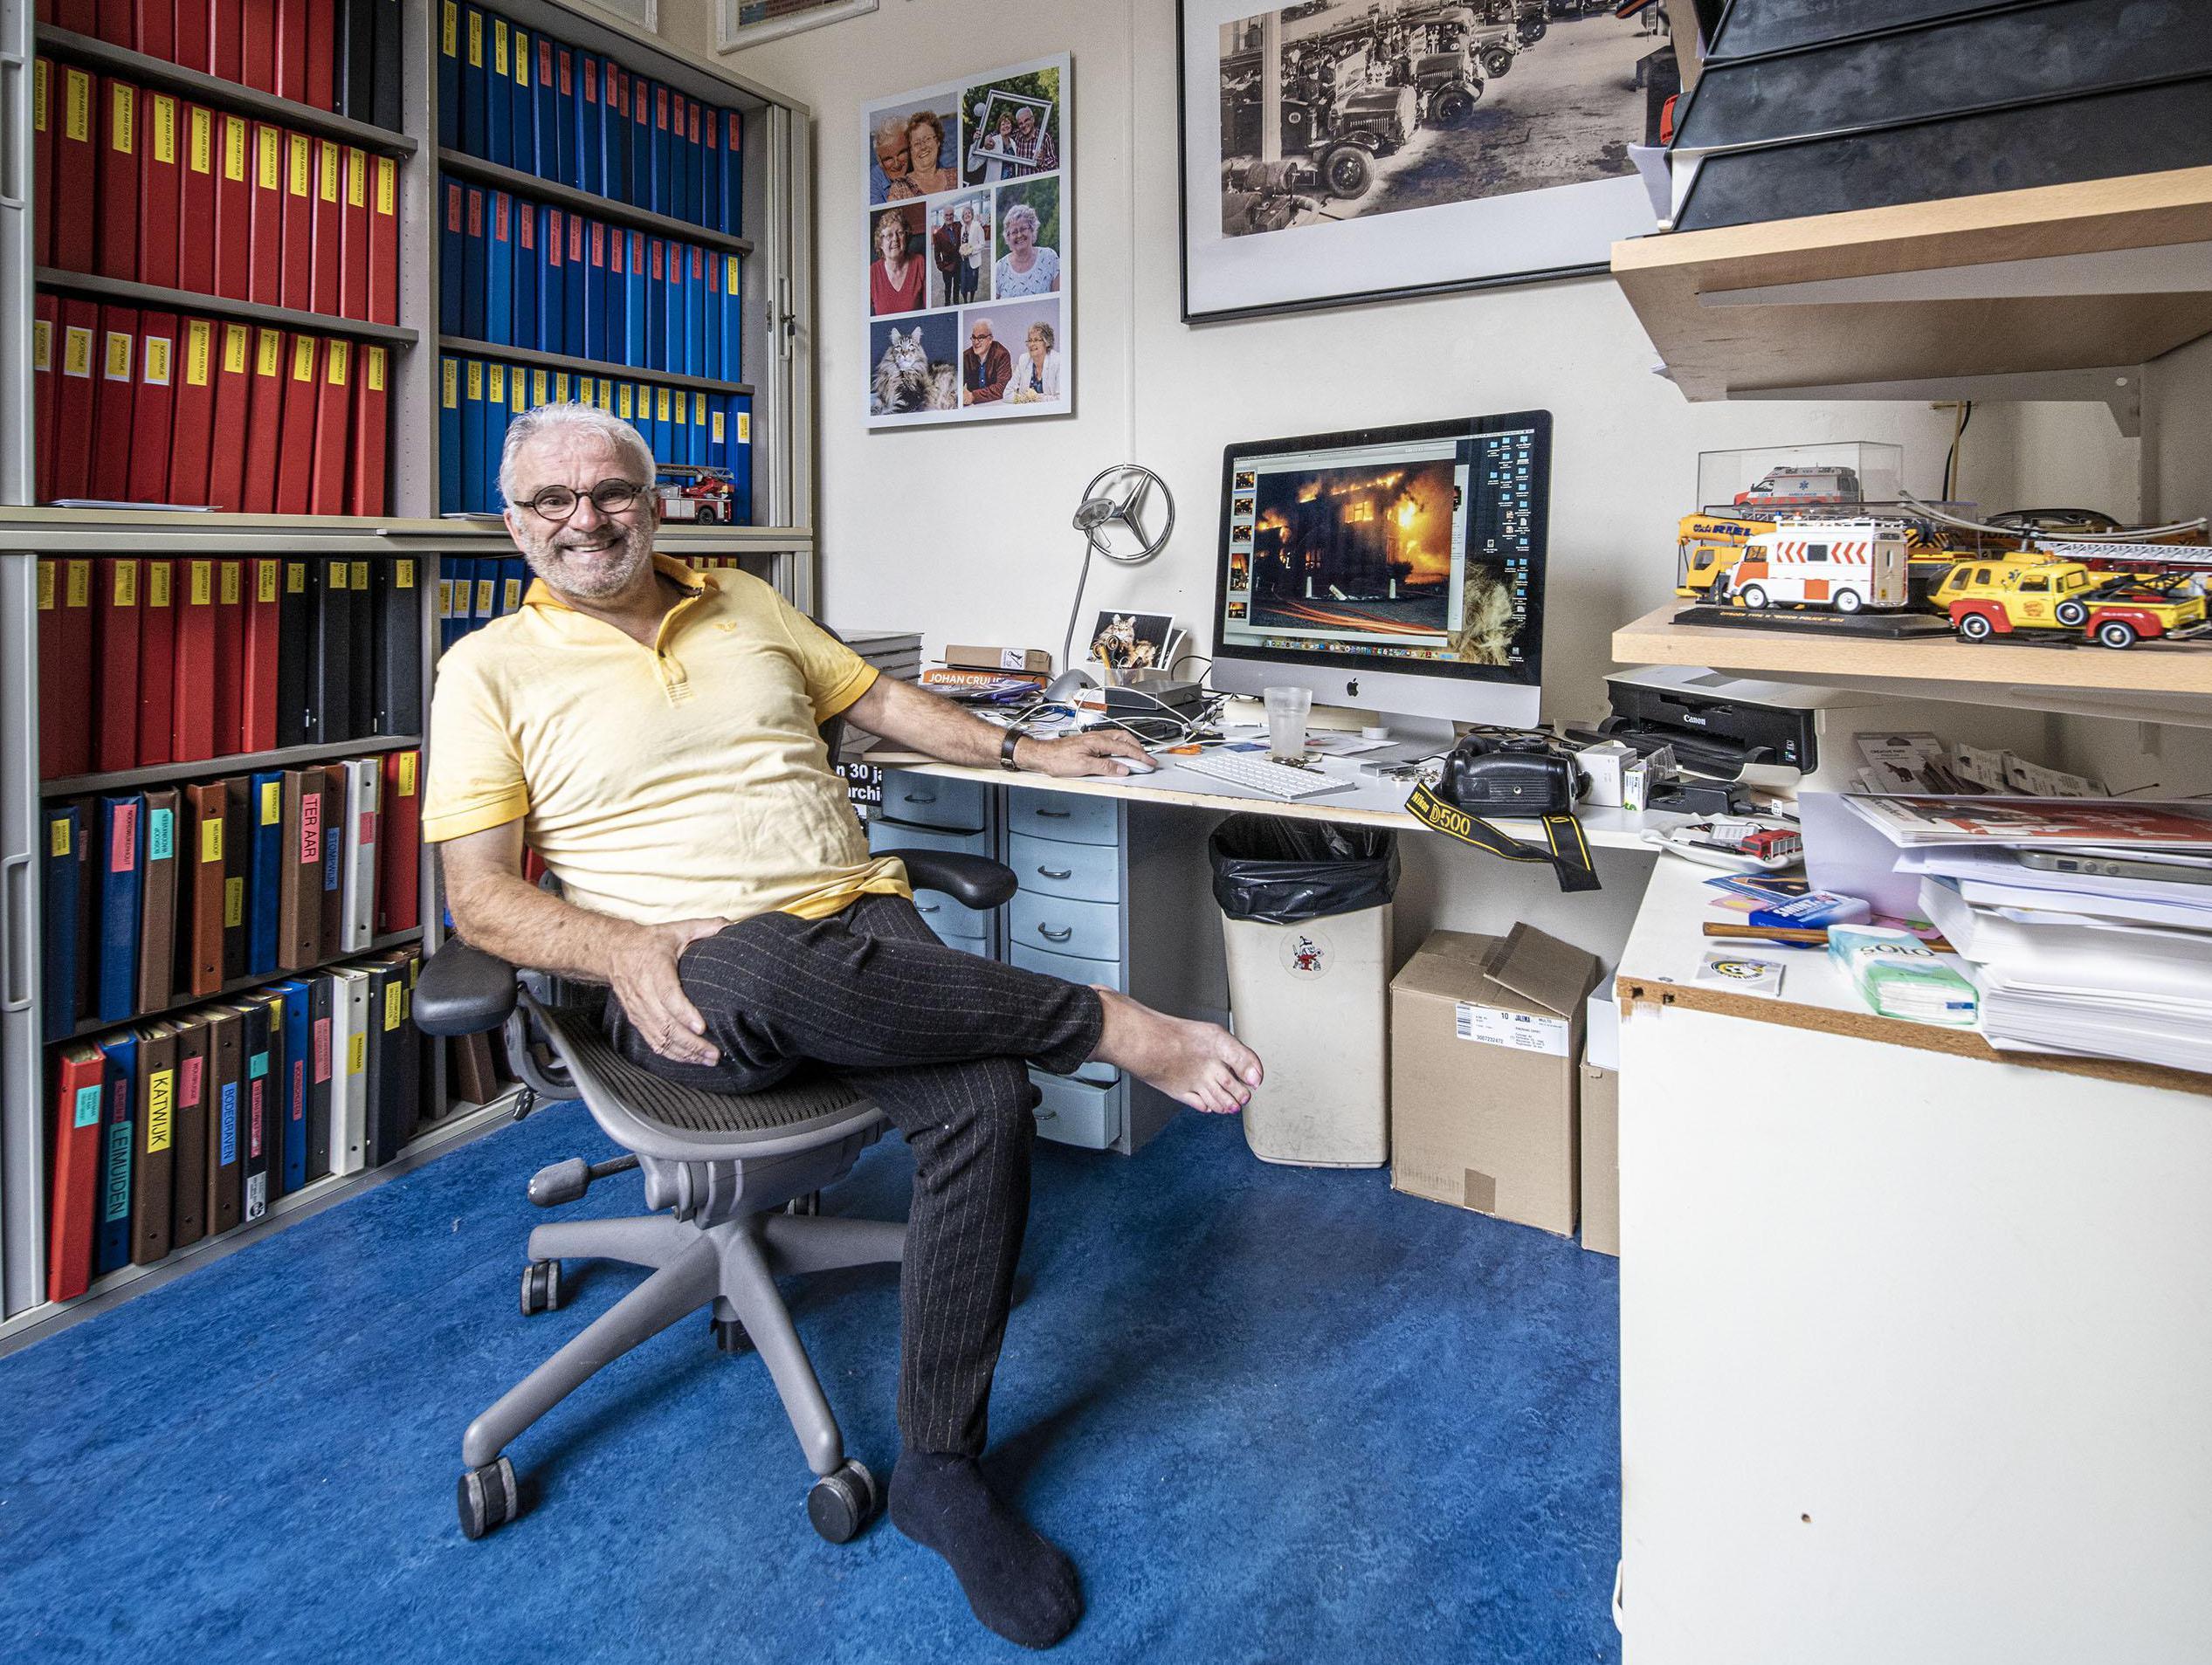 112-fotograaf Toon van der Poel ziet achter elke foto zijn eigen verhaal